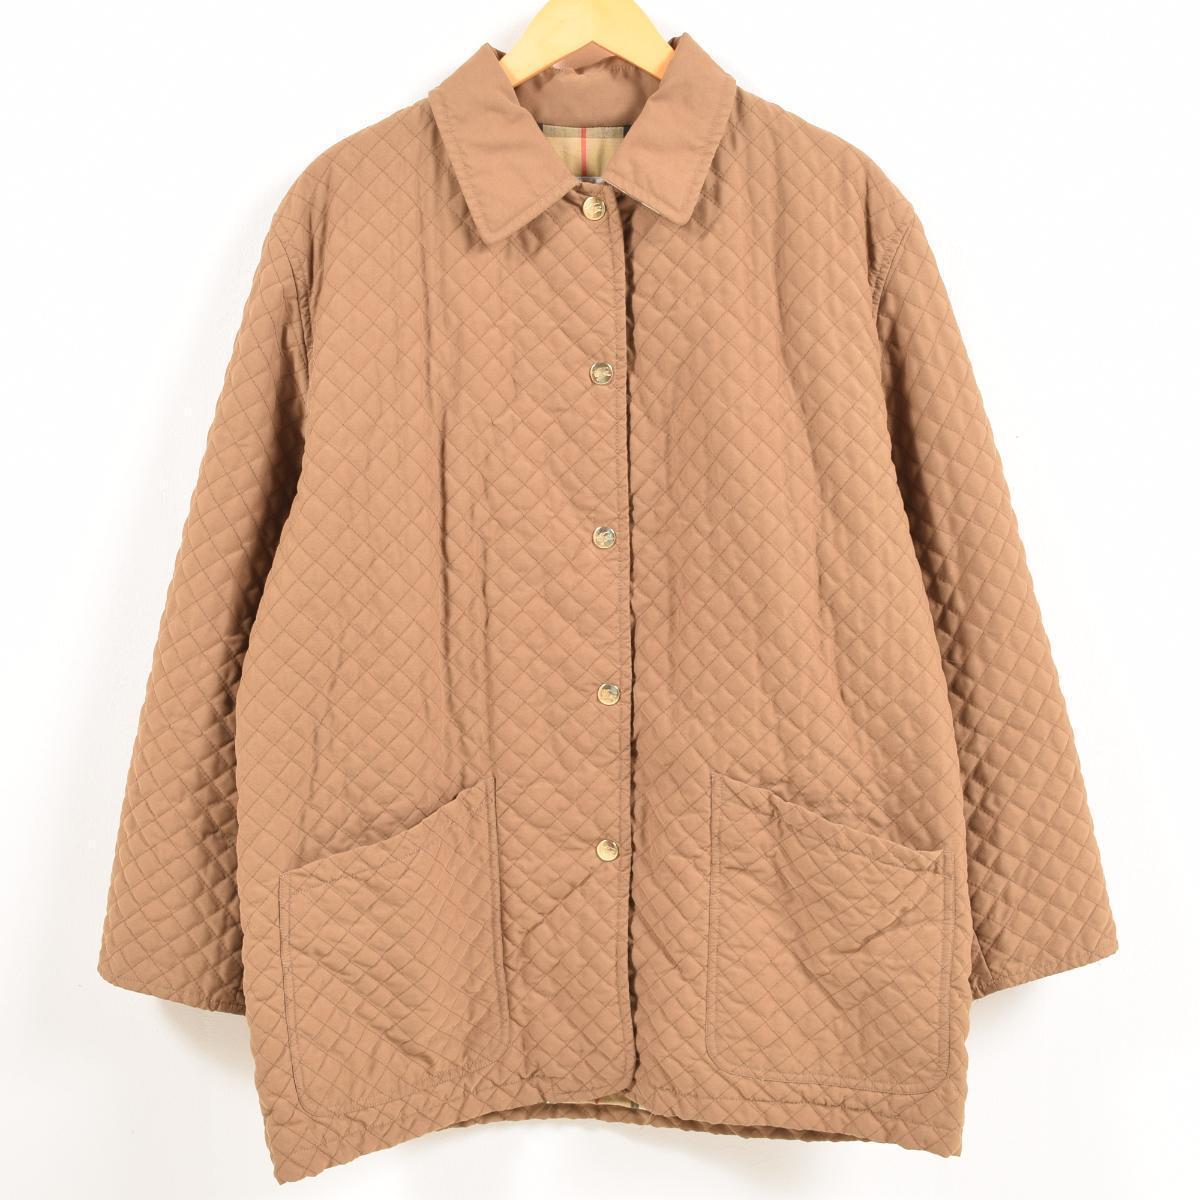 バーバリー Burberry's キルティングジャケット レディースXL /waw6874 【中古】 【181217】